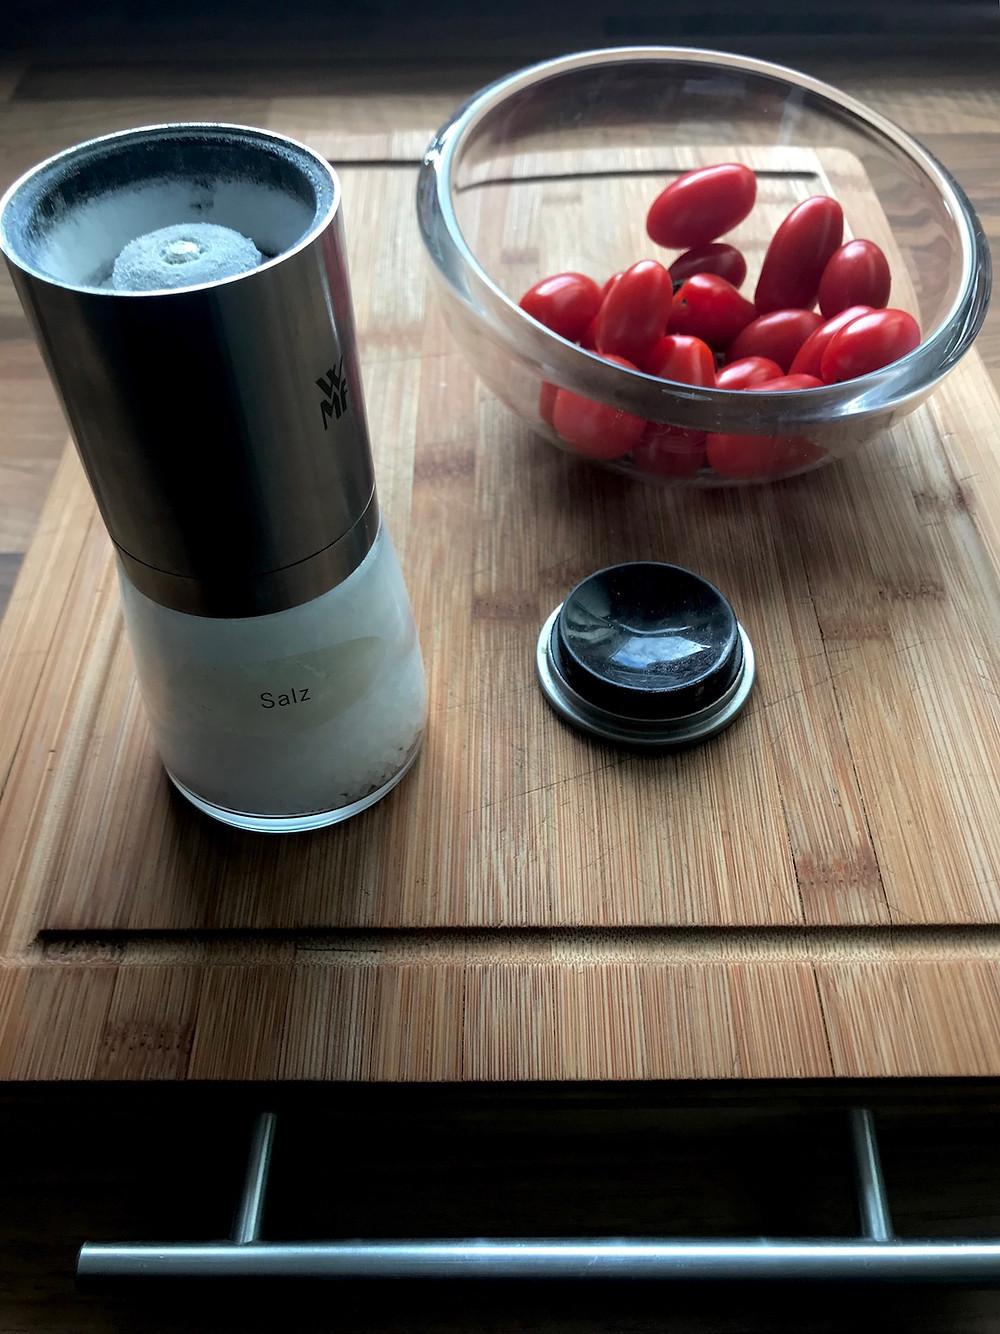 Laufinstinkt+® Schwaben Augsburg - Ernährungstraining - Salz = Salz ? - Bild 4